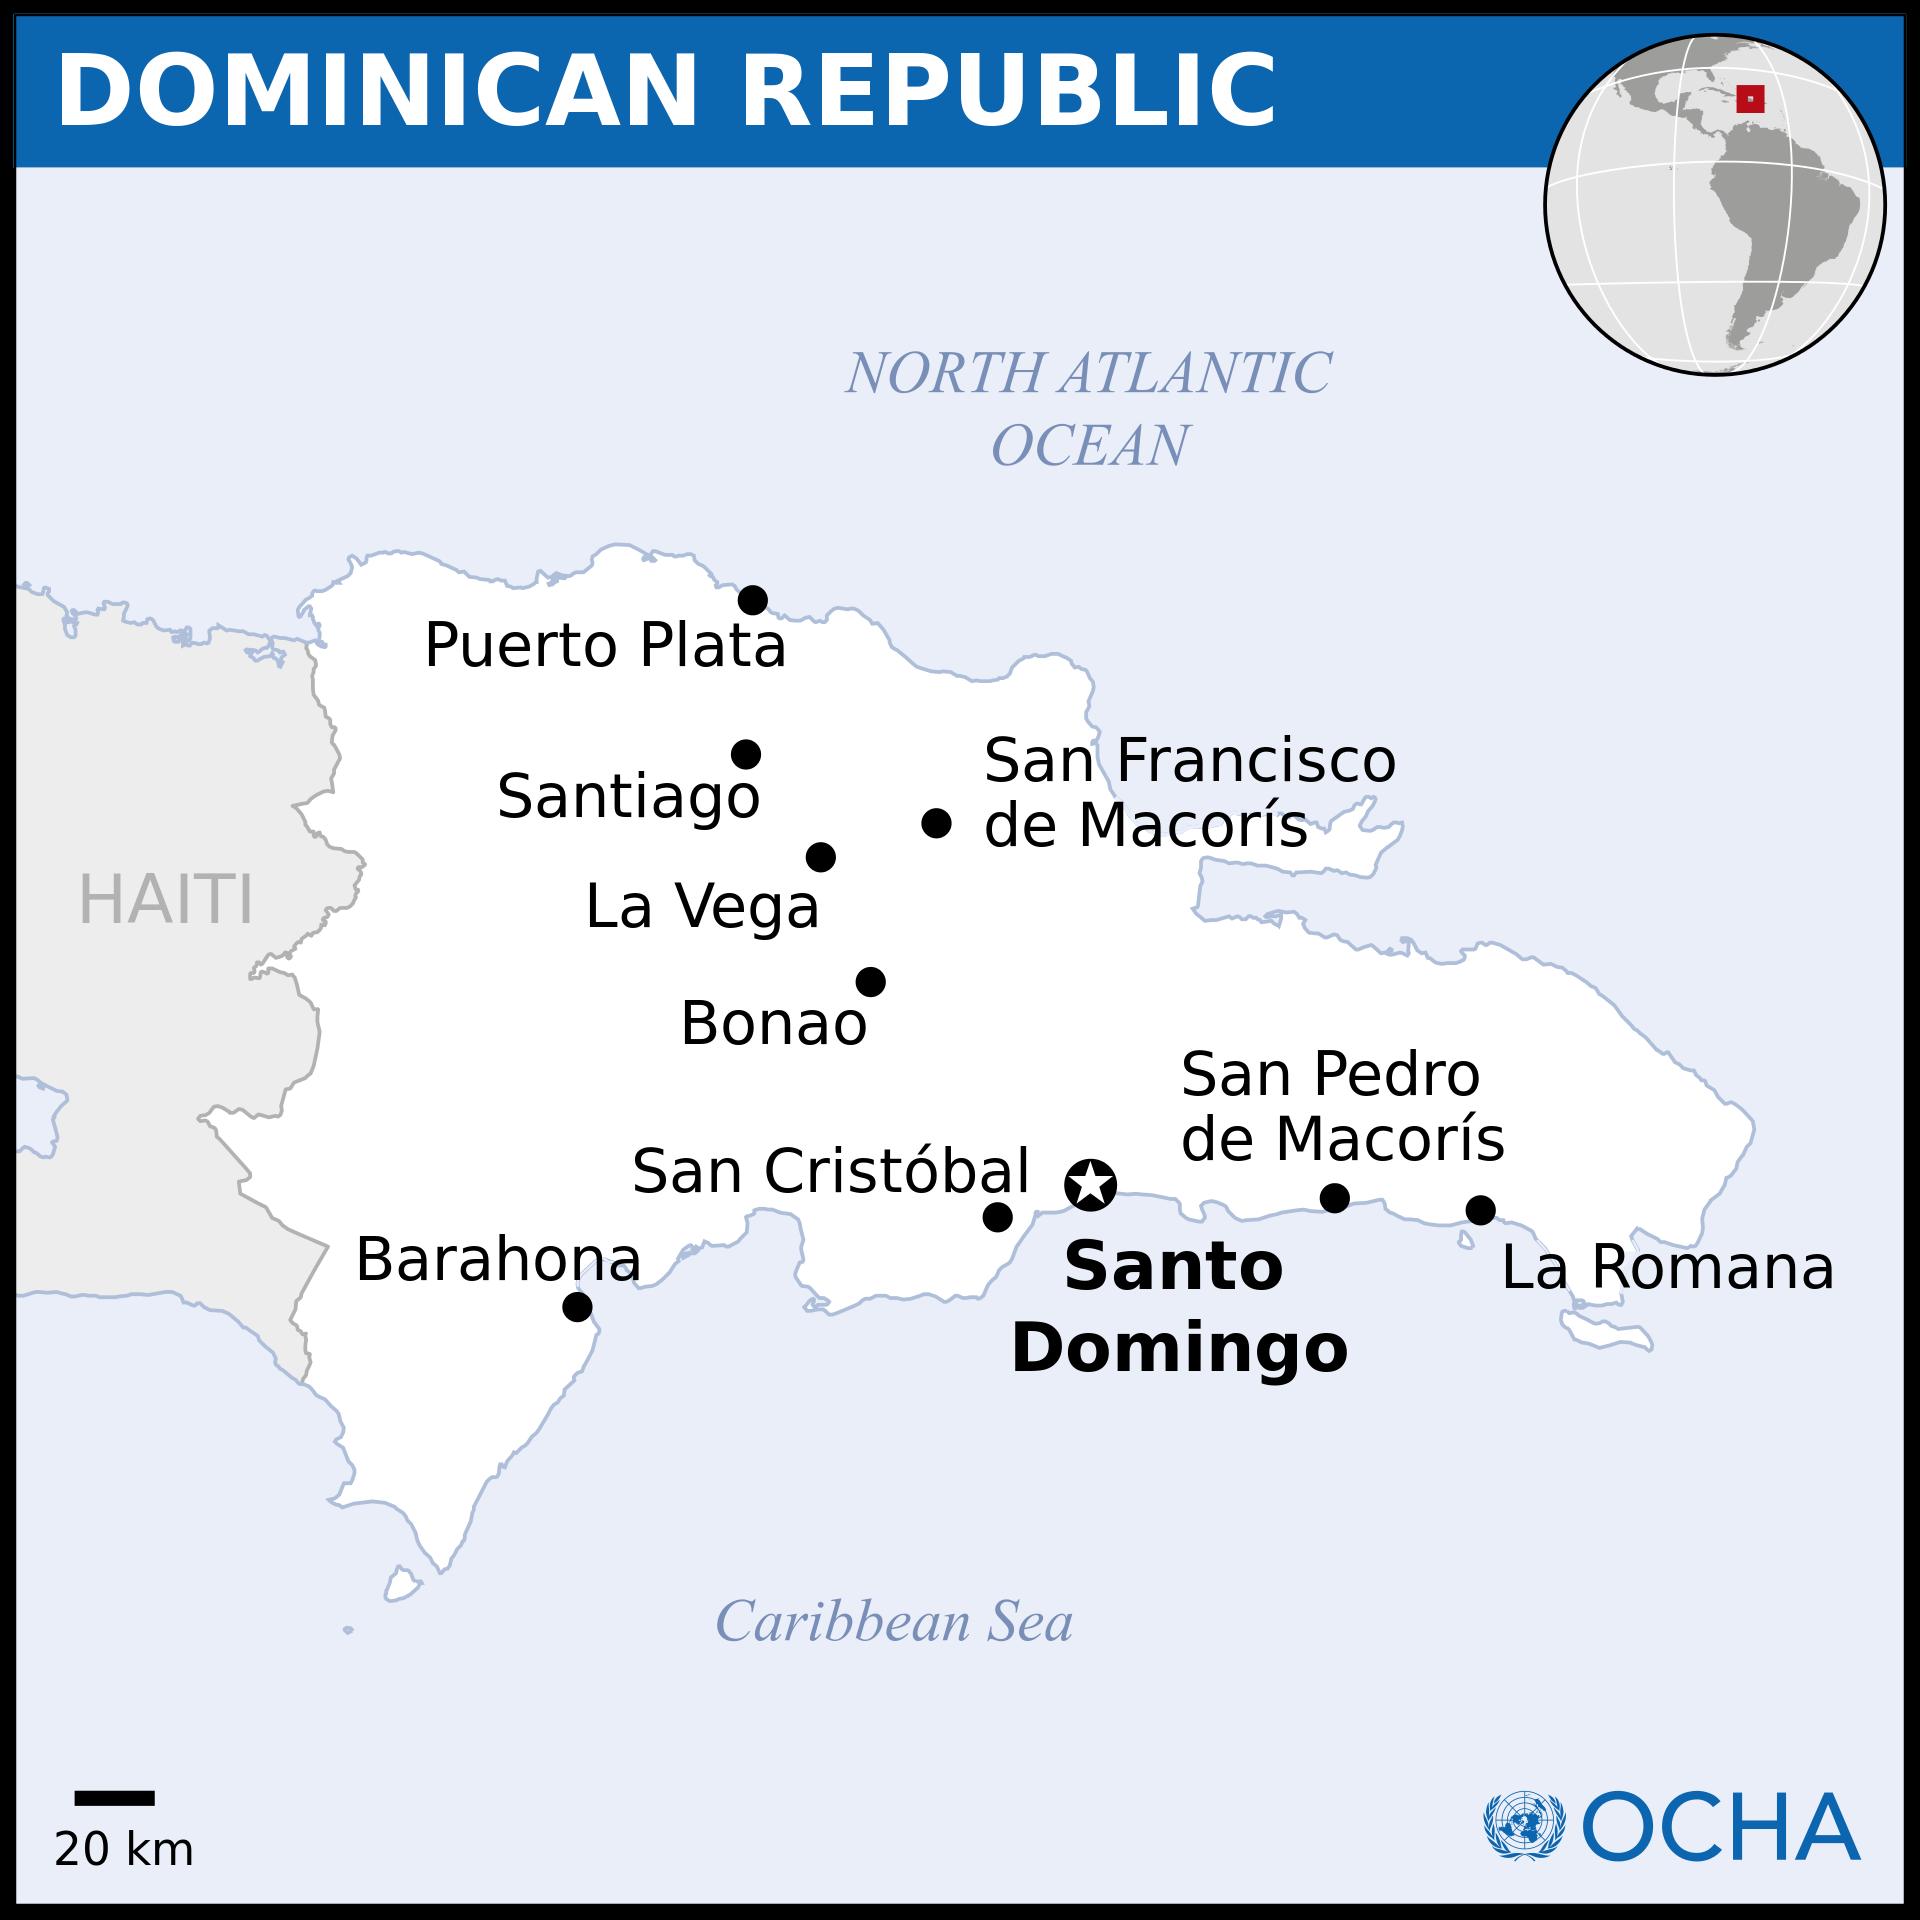 Dominican Republic Wikipedia The